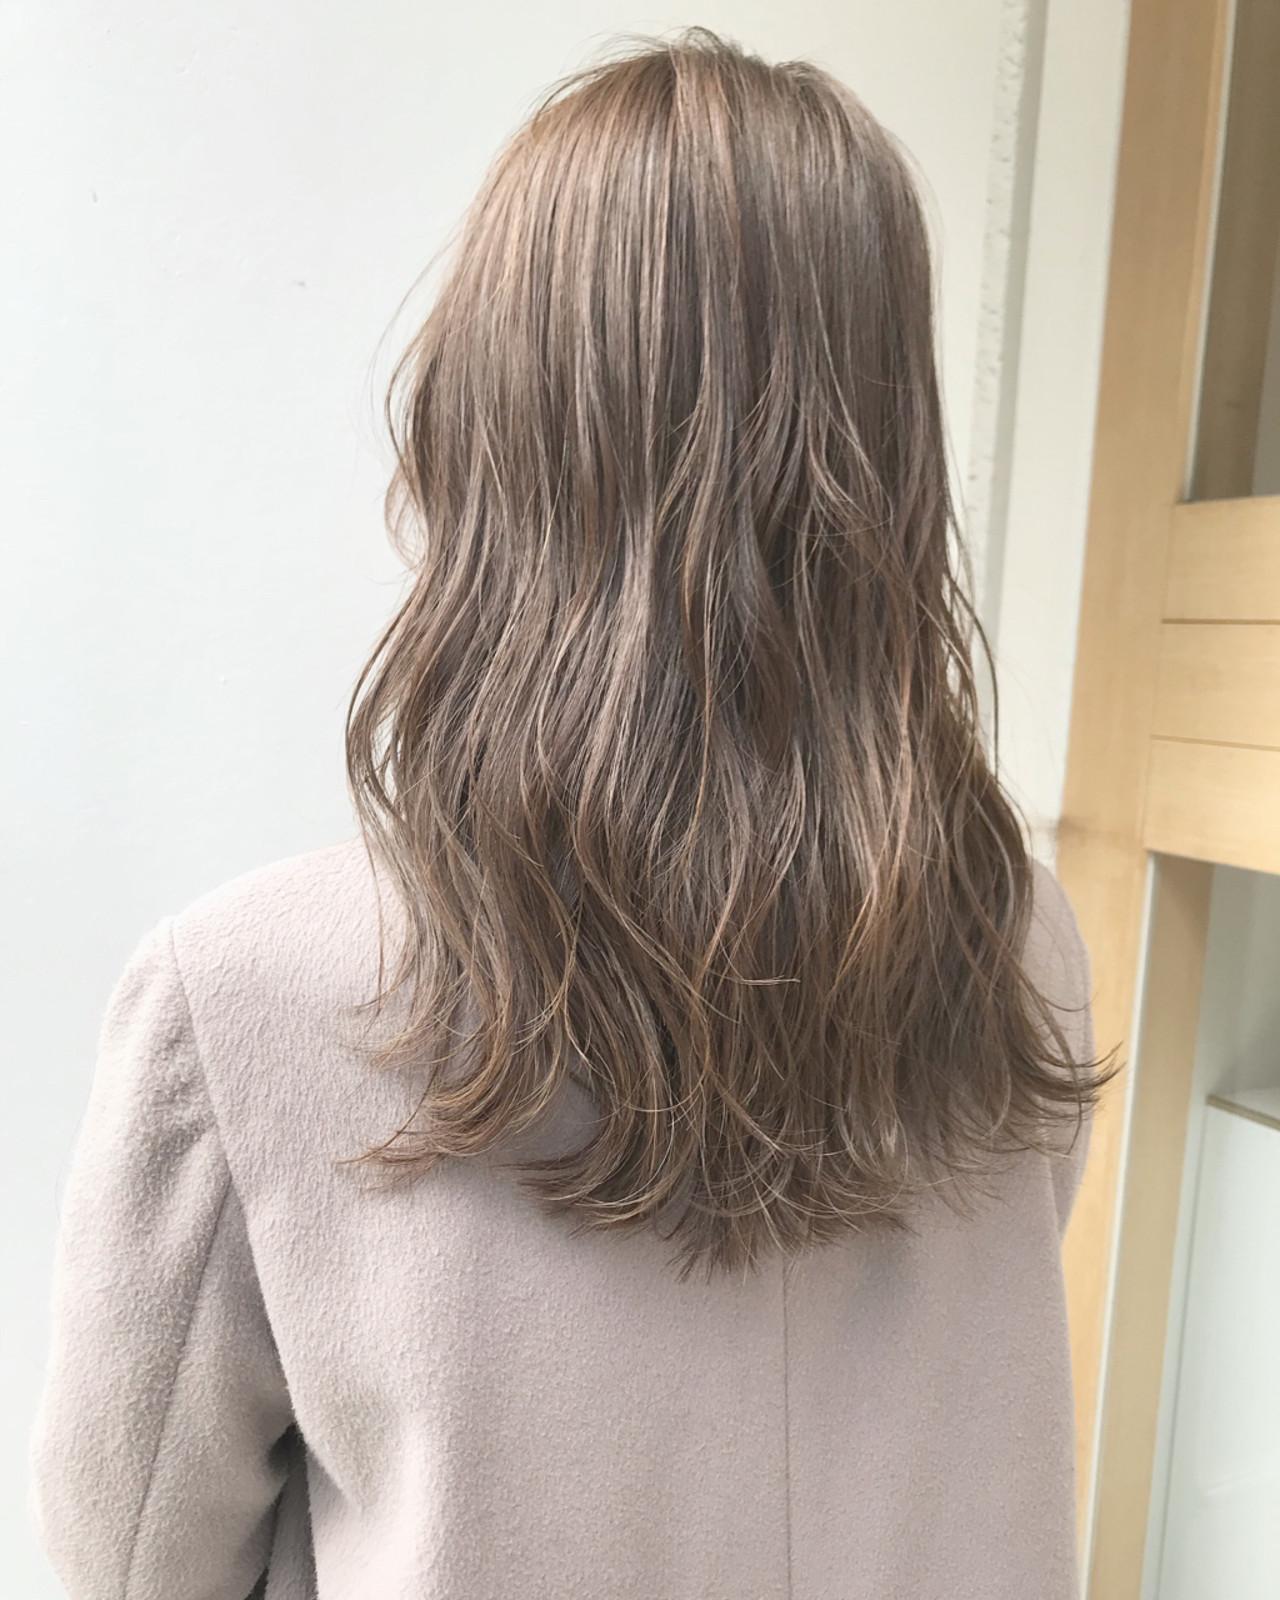 ナチュラル グレージュ セミロング ヘアアレンジ ヘアスタイルや髪型の写真・画像 | SHUN / NOE SALON